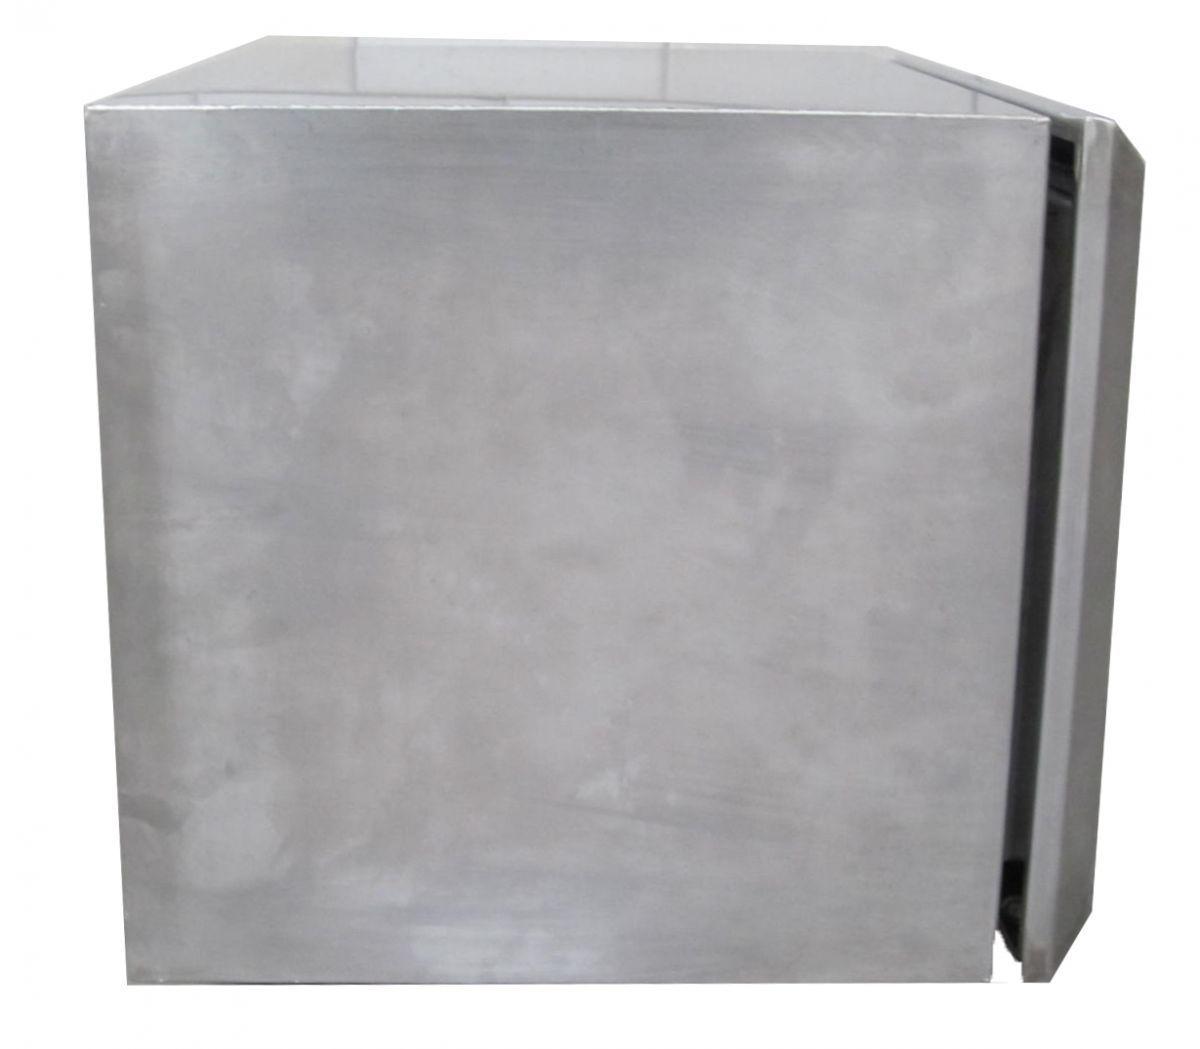 deichselbox edelstahl 500x400x350